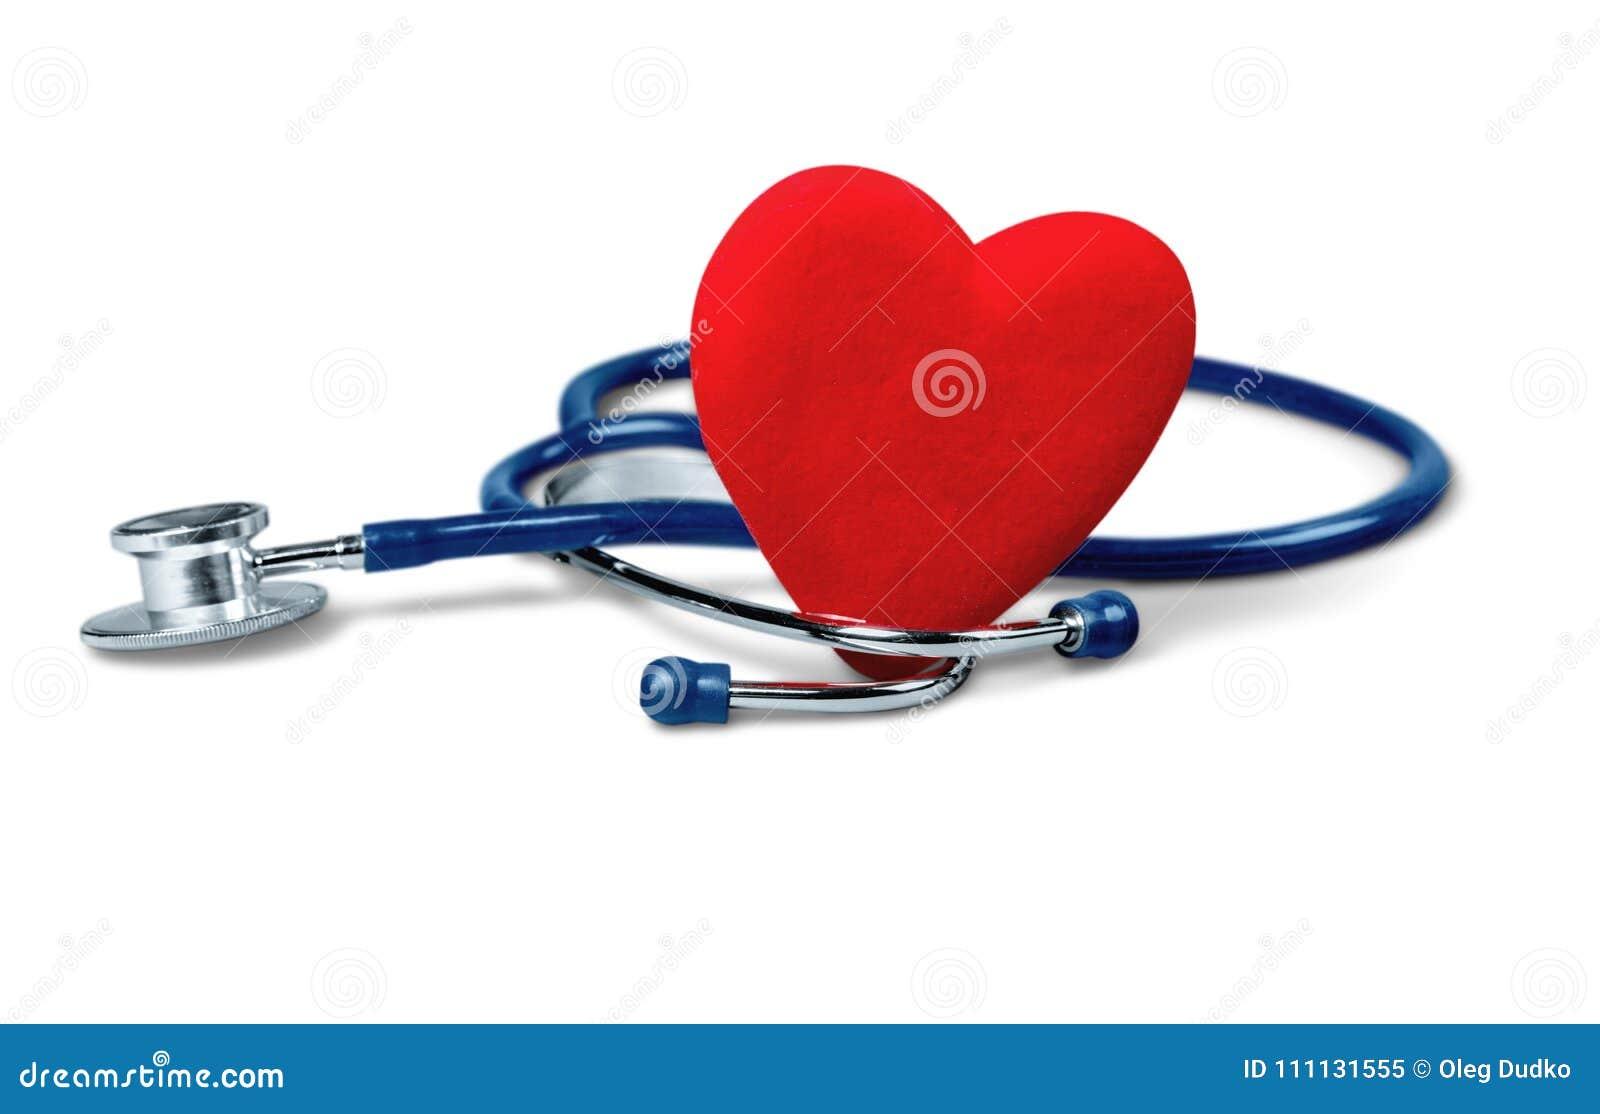 Ιατρικό στηθοσκόπιο την καρδιά που απομονώνεται με στο λευκό